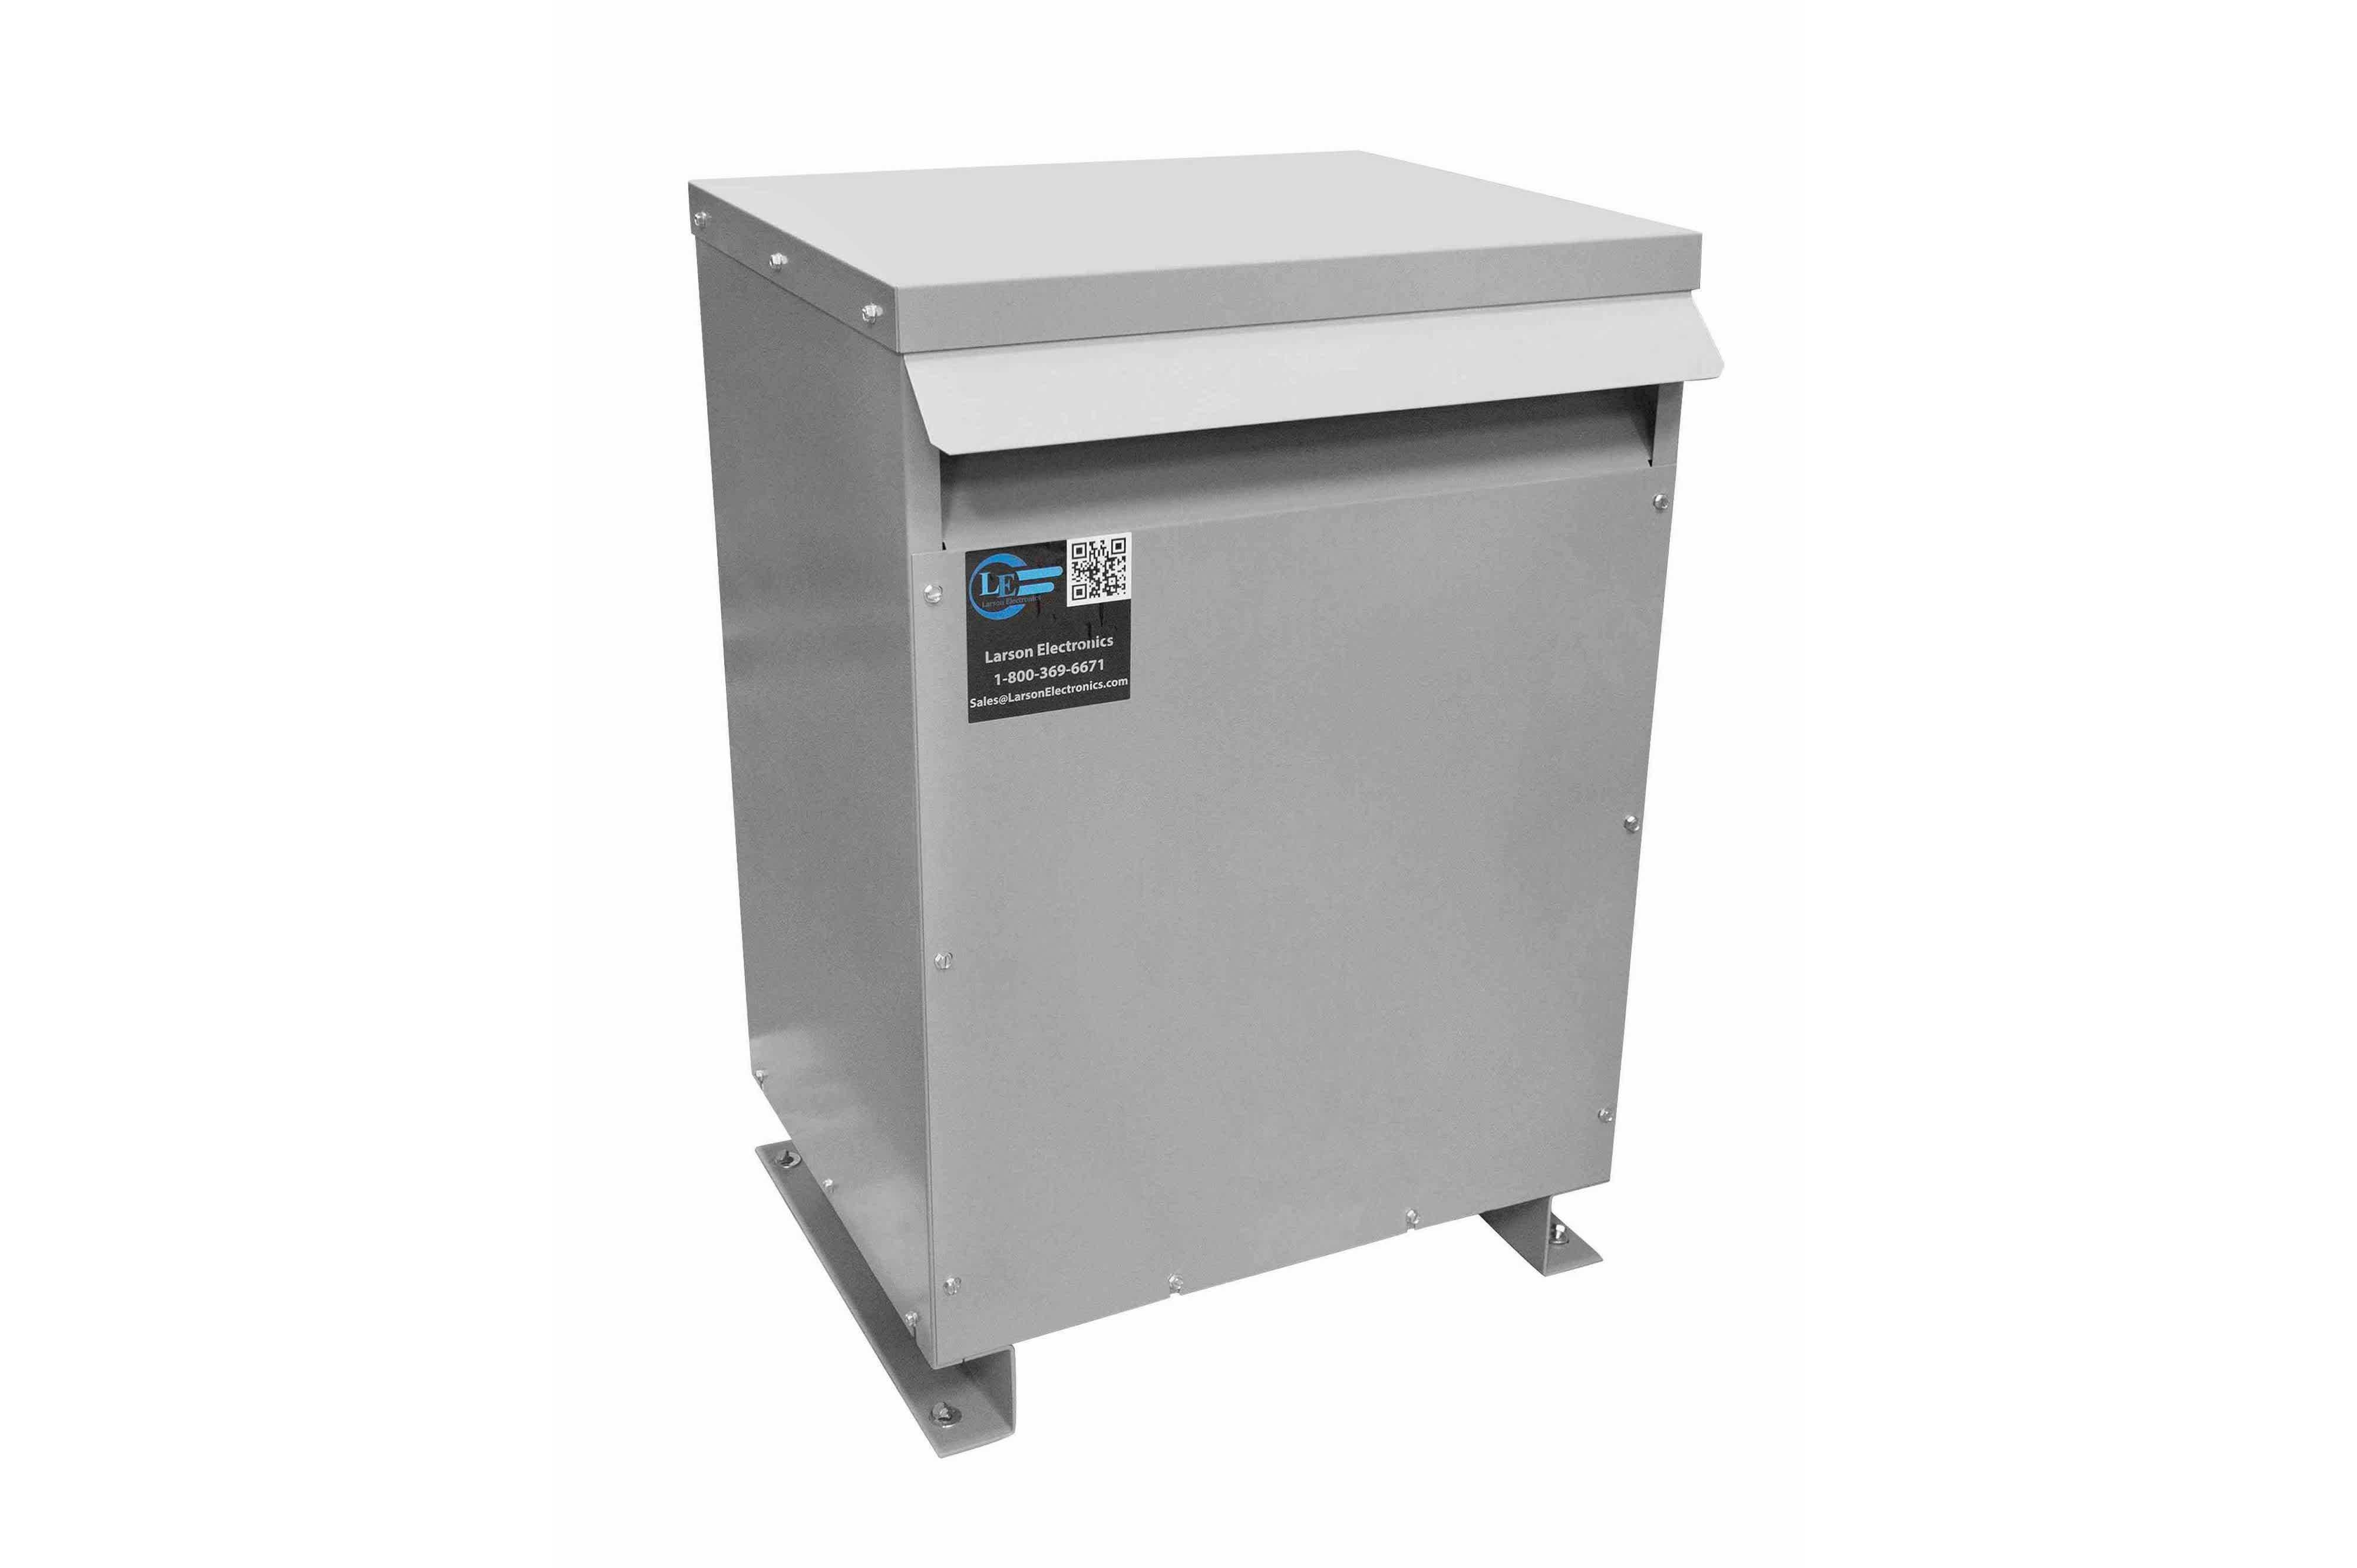 75 kVA 3PH DOE Transformer, 400V Delta Primary, 240V/120 Delta Secondary, N3R, Ventilated, 60 Hz